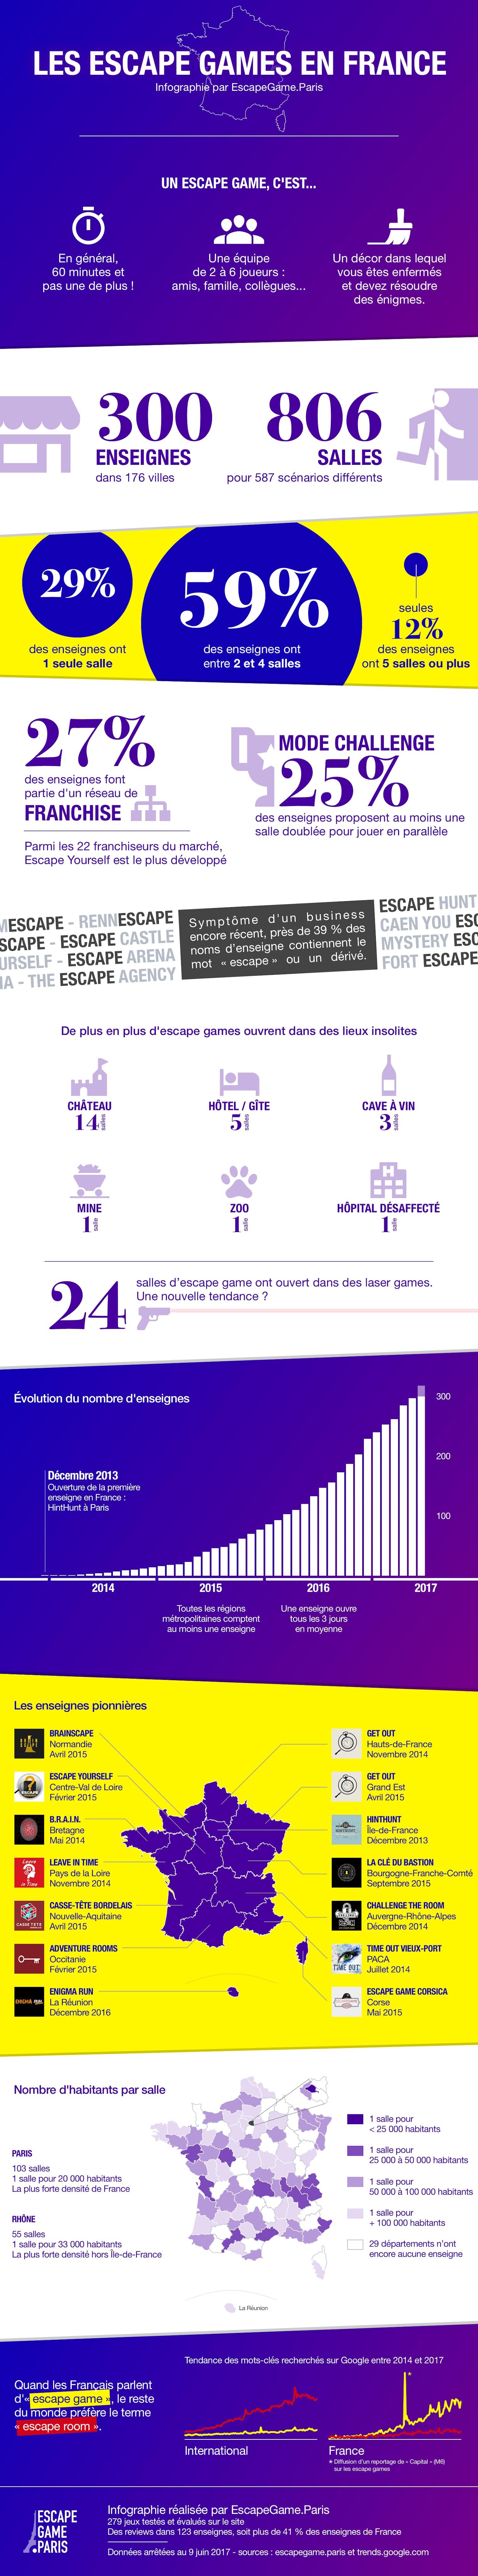 Infographie Escape Game France : Statistiques, Nombre d'enseignes, Densité par département